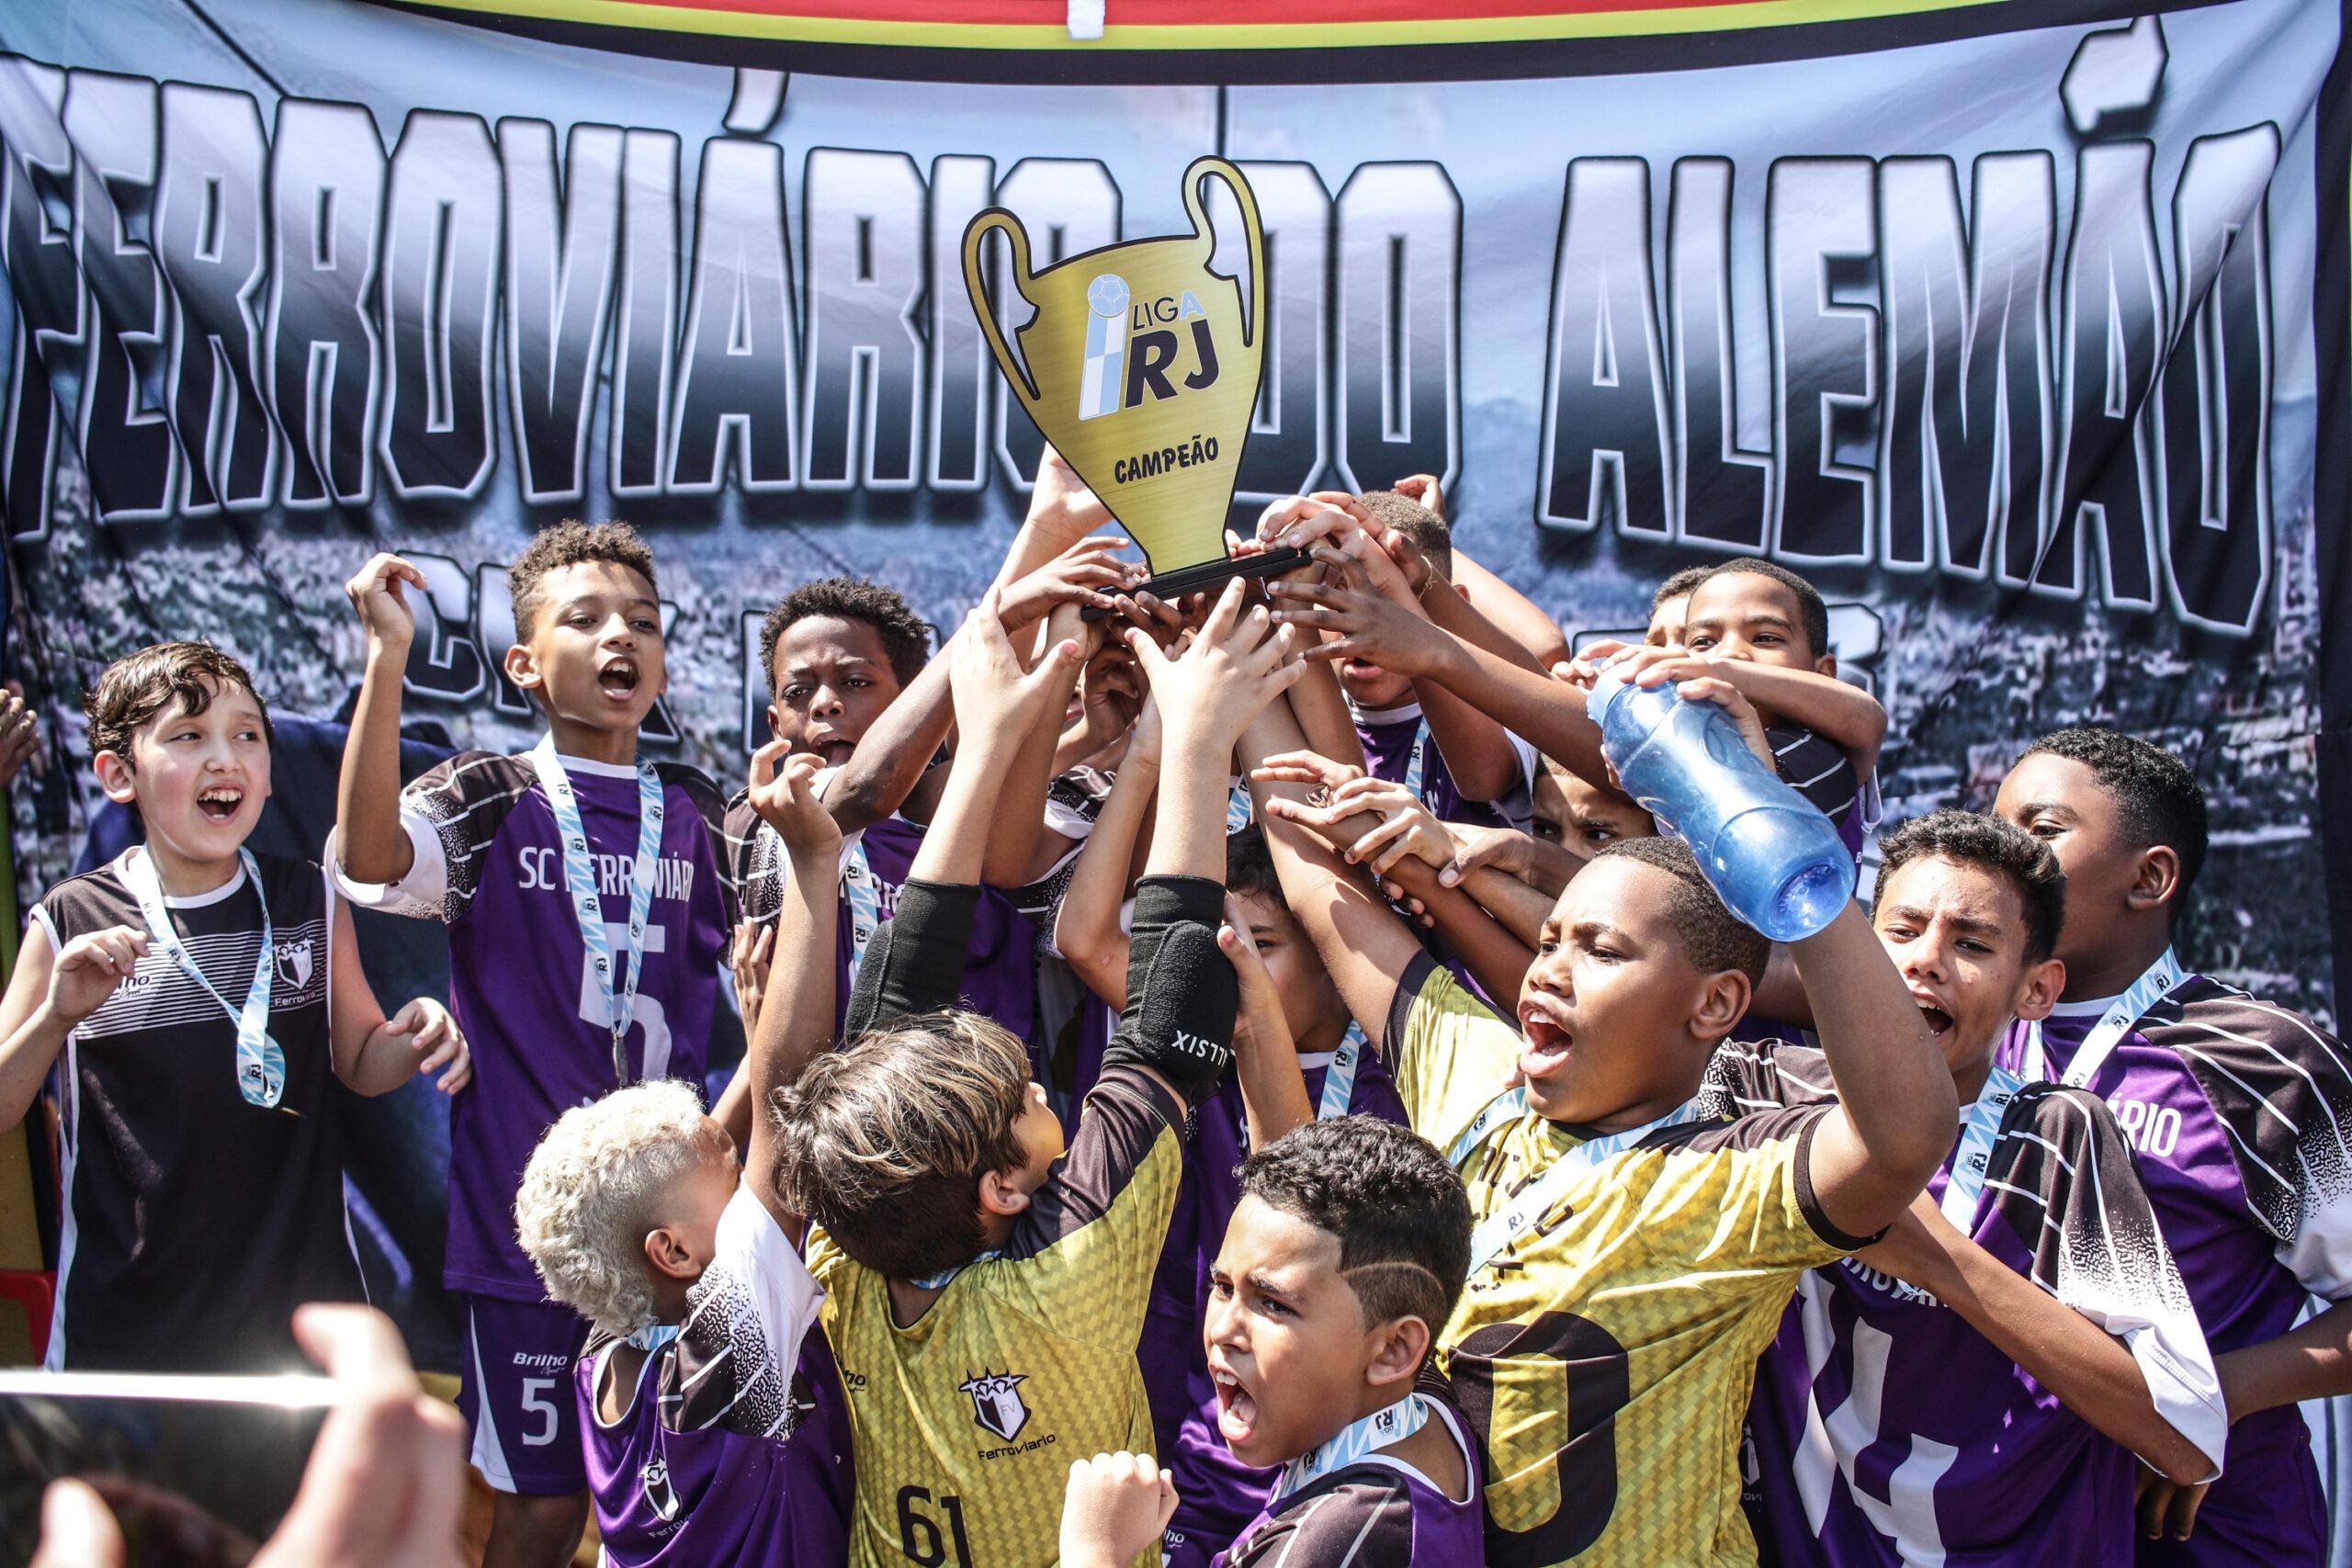 Time Ferroviário da Vila do Alemão é campeão da Liga Rio de Janeiro de Futsal